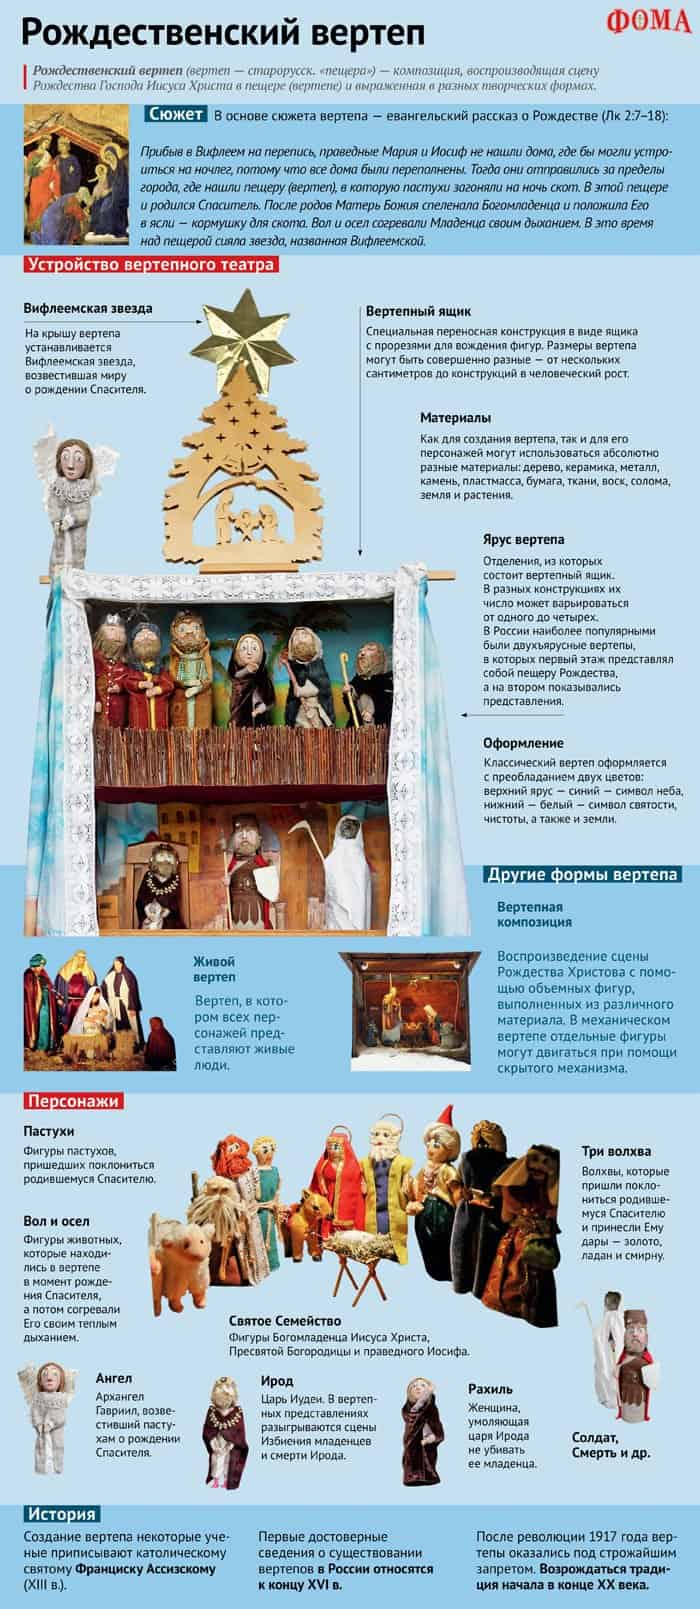 Рождественский вертеп. Инфографика